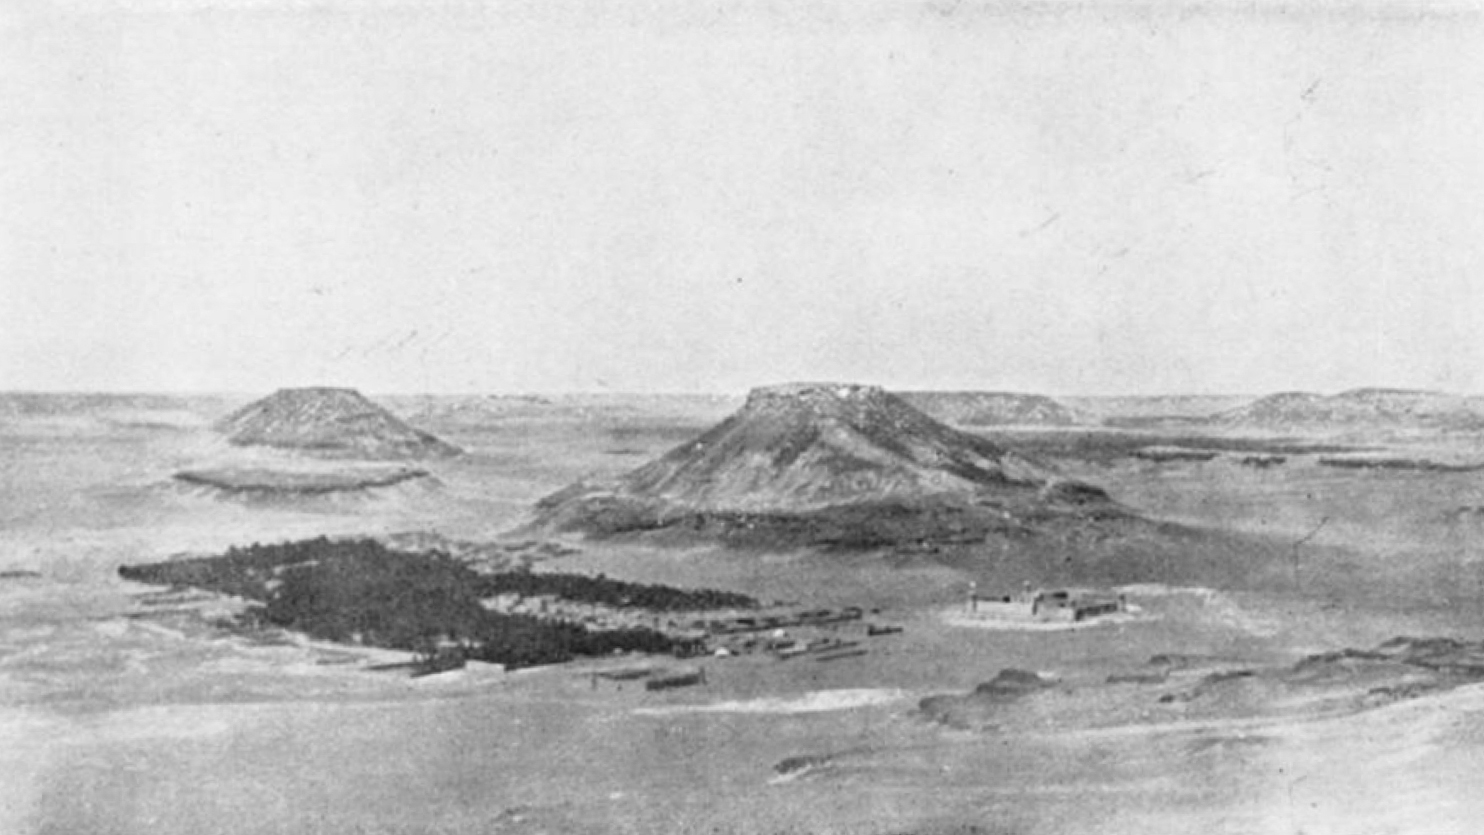 Byen Kaf i heilt nord i Wadi Sirhan vart eitt av områda Holt og Philby reiste gjennom. I 1922 låg byen under Transjordan, men nokre år seinare innelemma i det som seinare vart Saudi-Arabia.